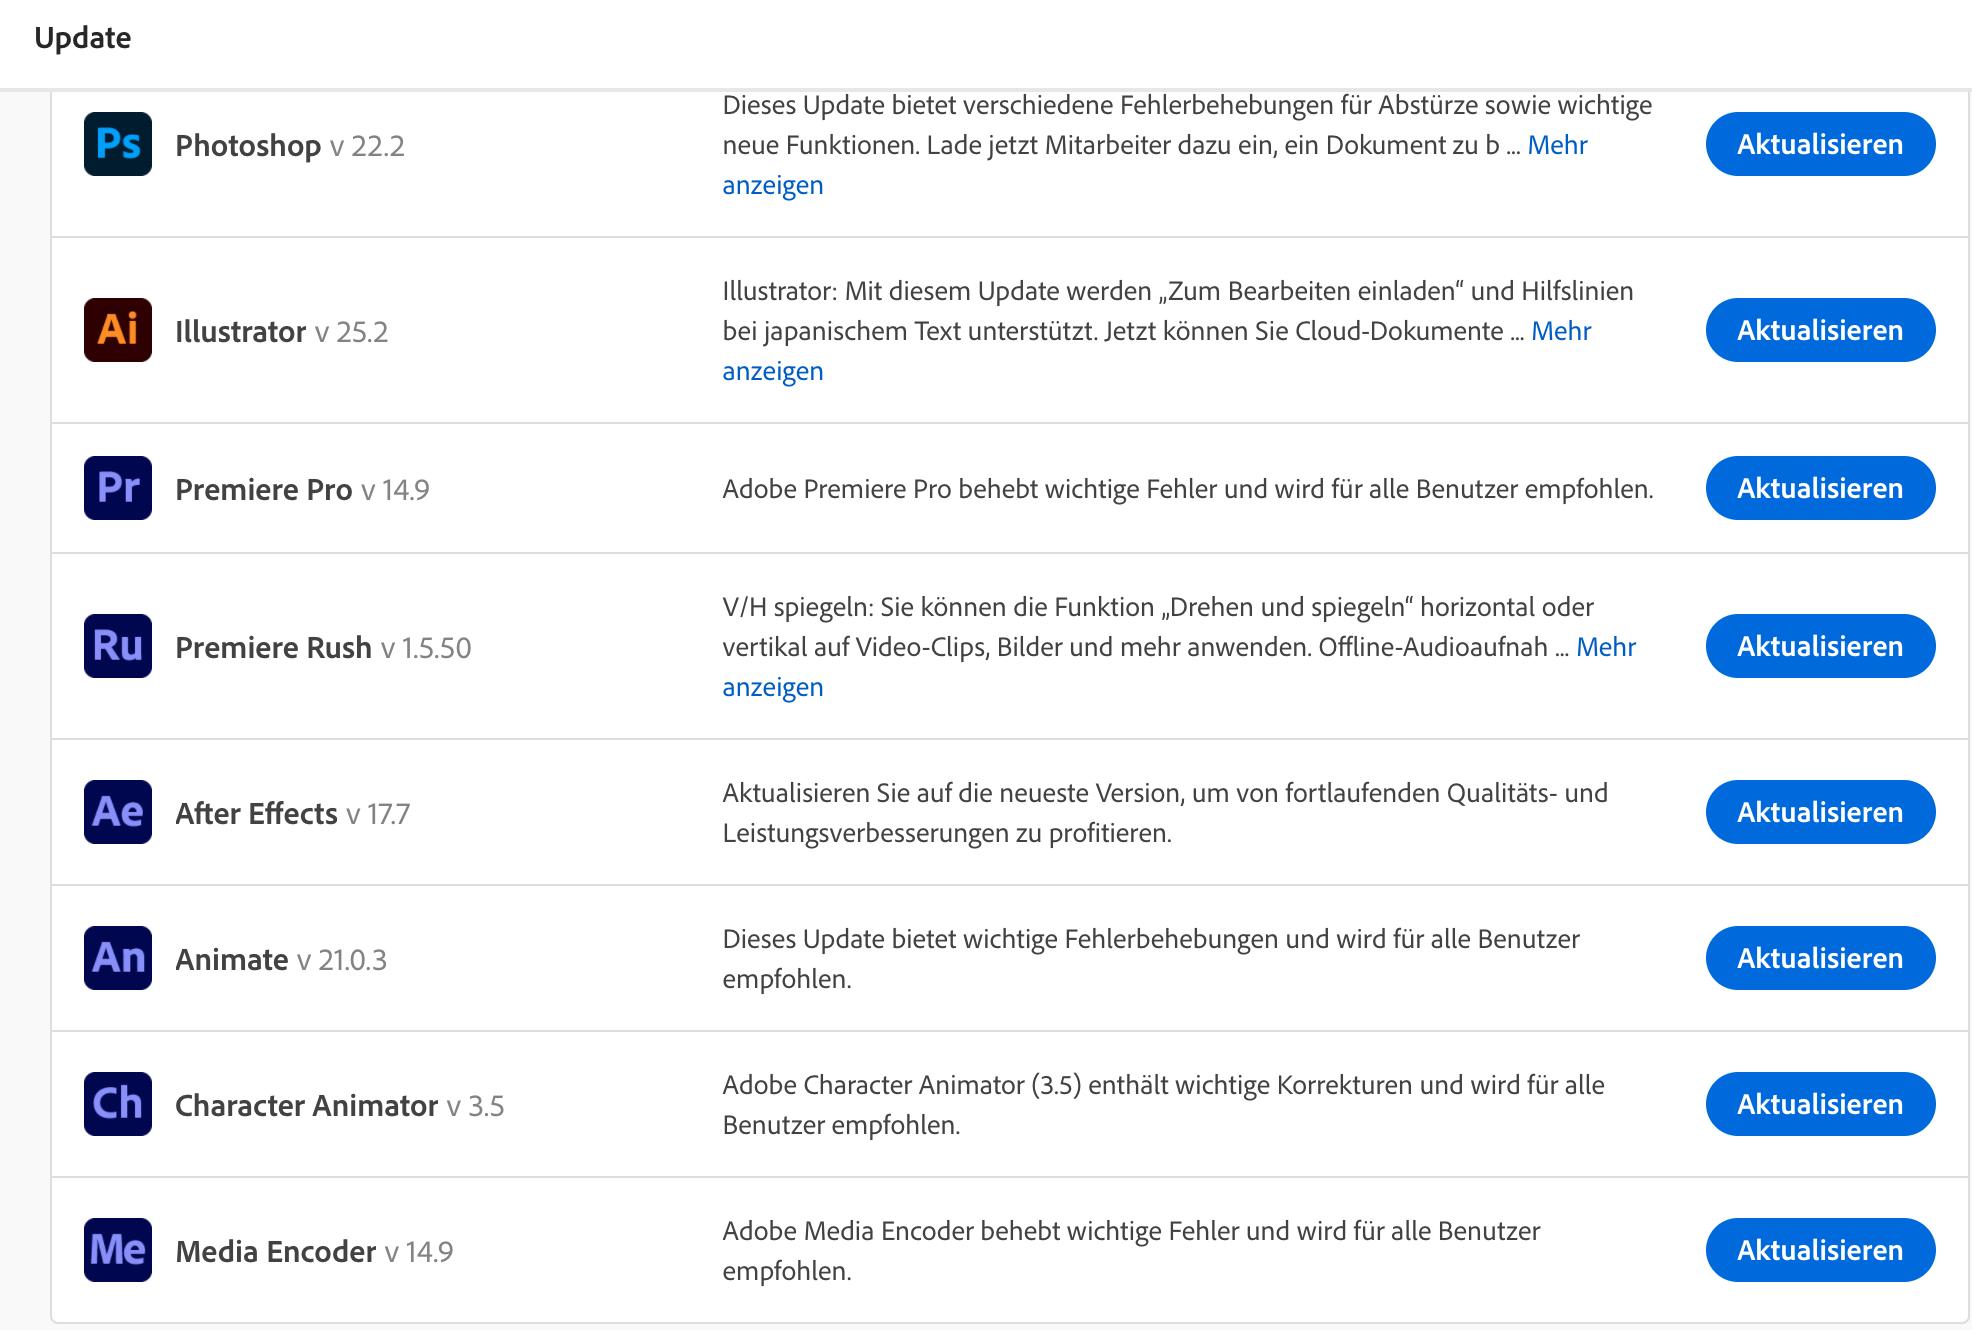 Übersicht über Updates von Programmen aus der Adobe Creative Cloud